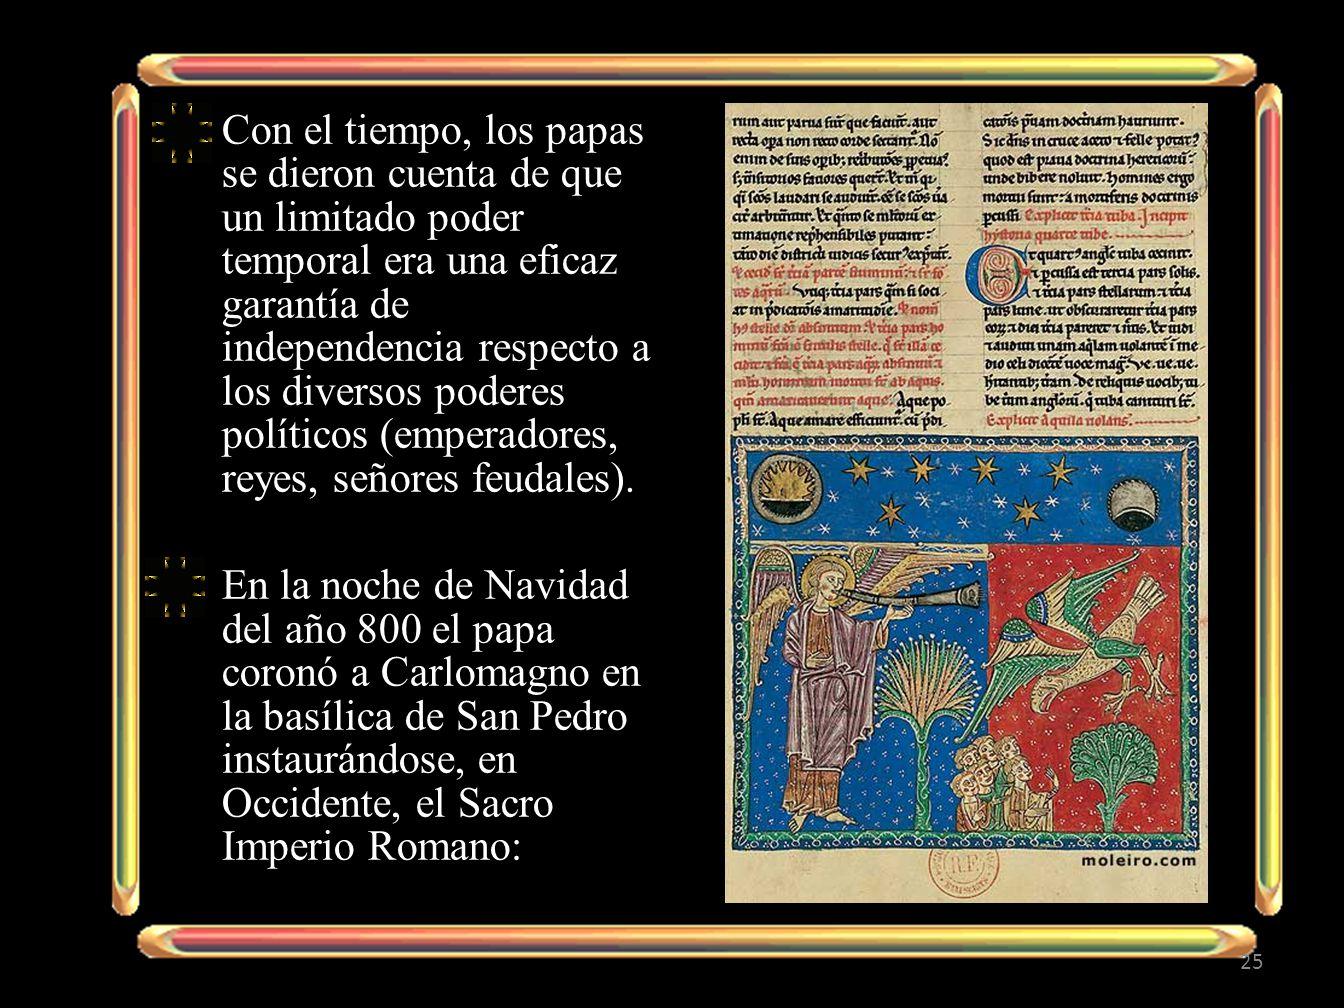 Con el tiempo, los papas se dieron cuenta de que un limitado poder temporal era una eficaz garantía de independencia respecto a los diversos poderes políticos (emperadores, reyes, señores feudales).